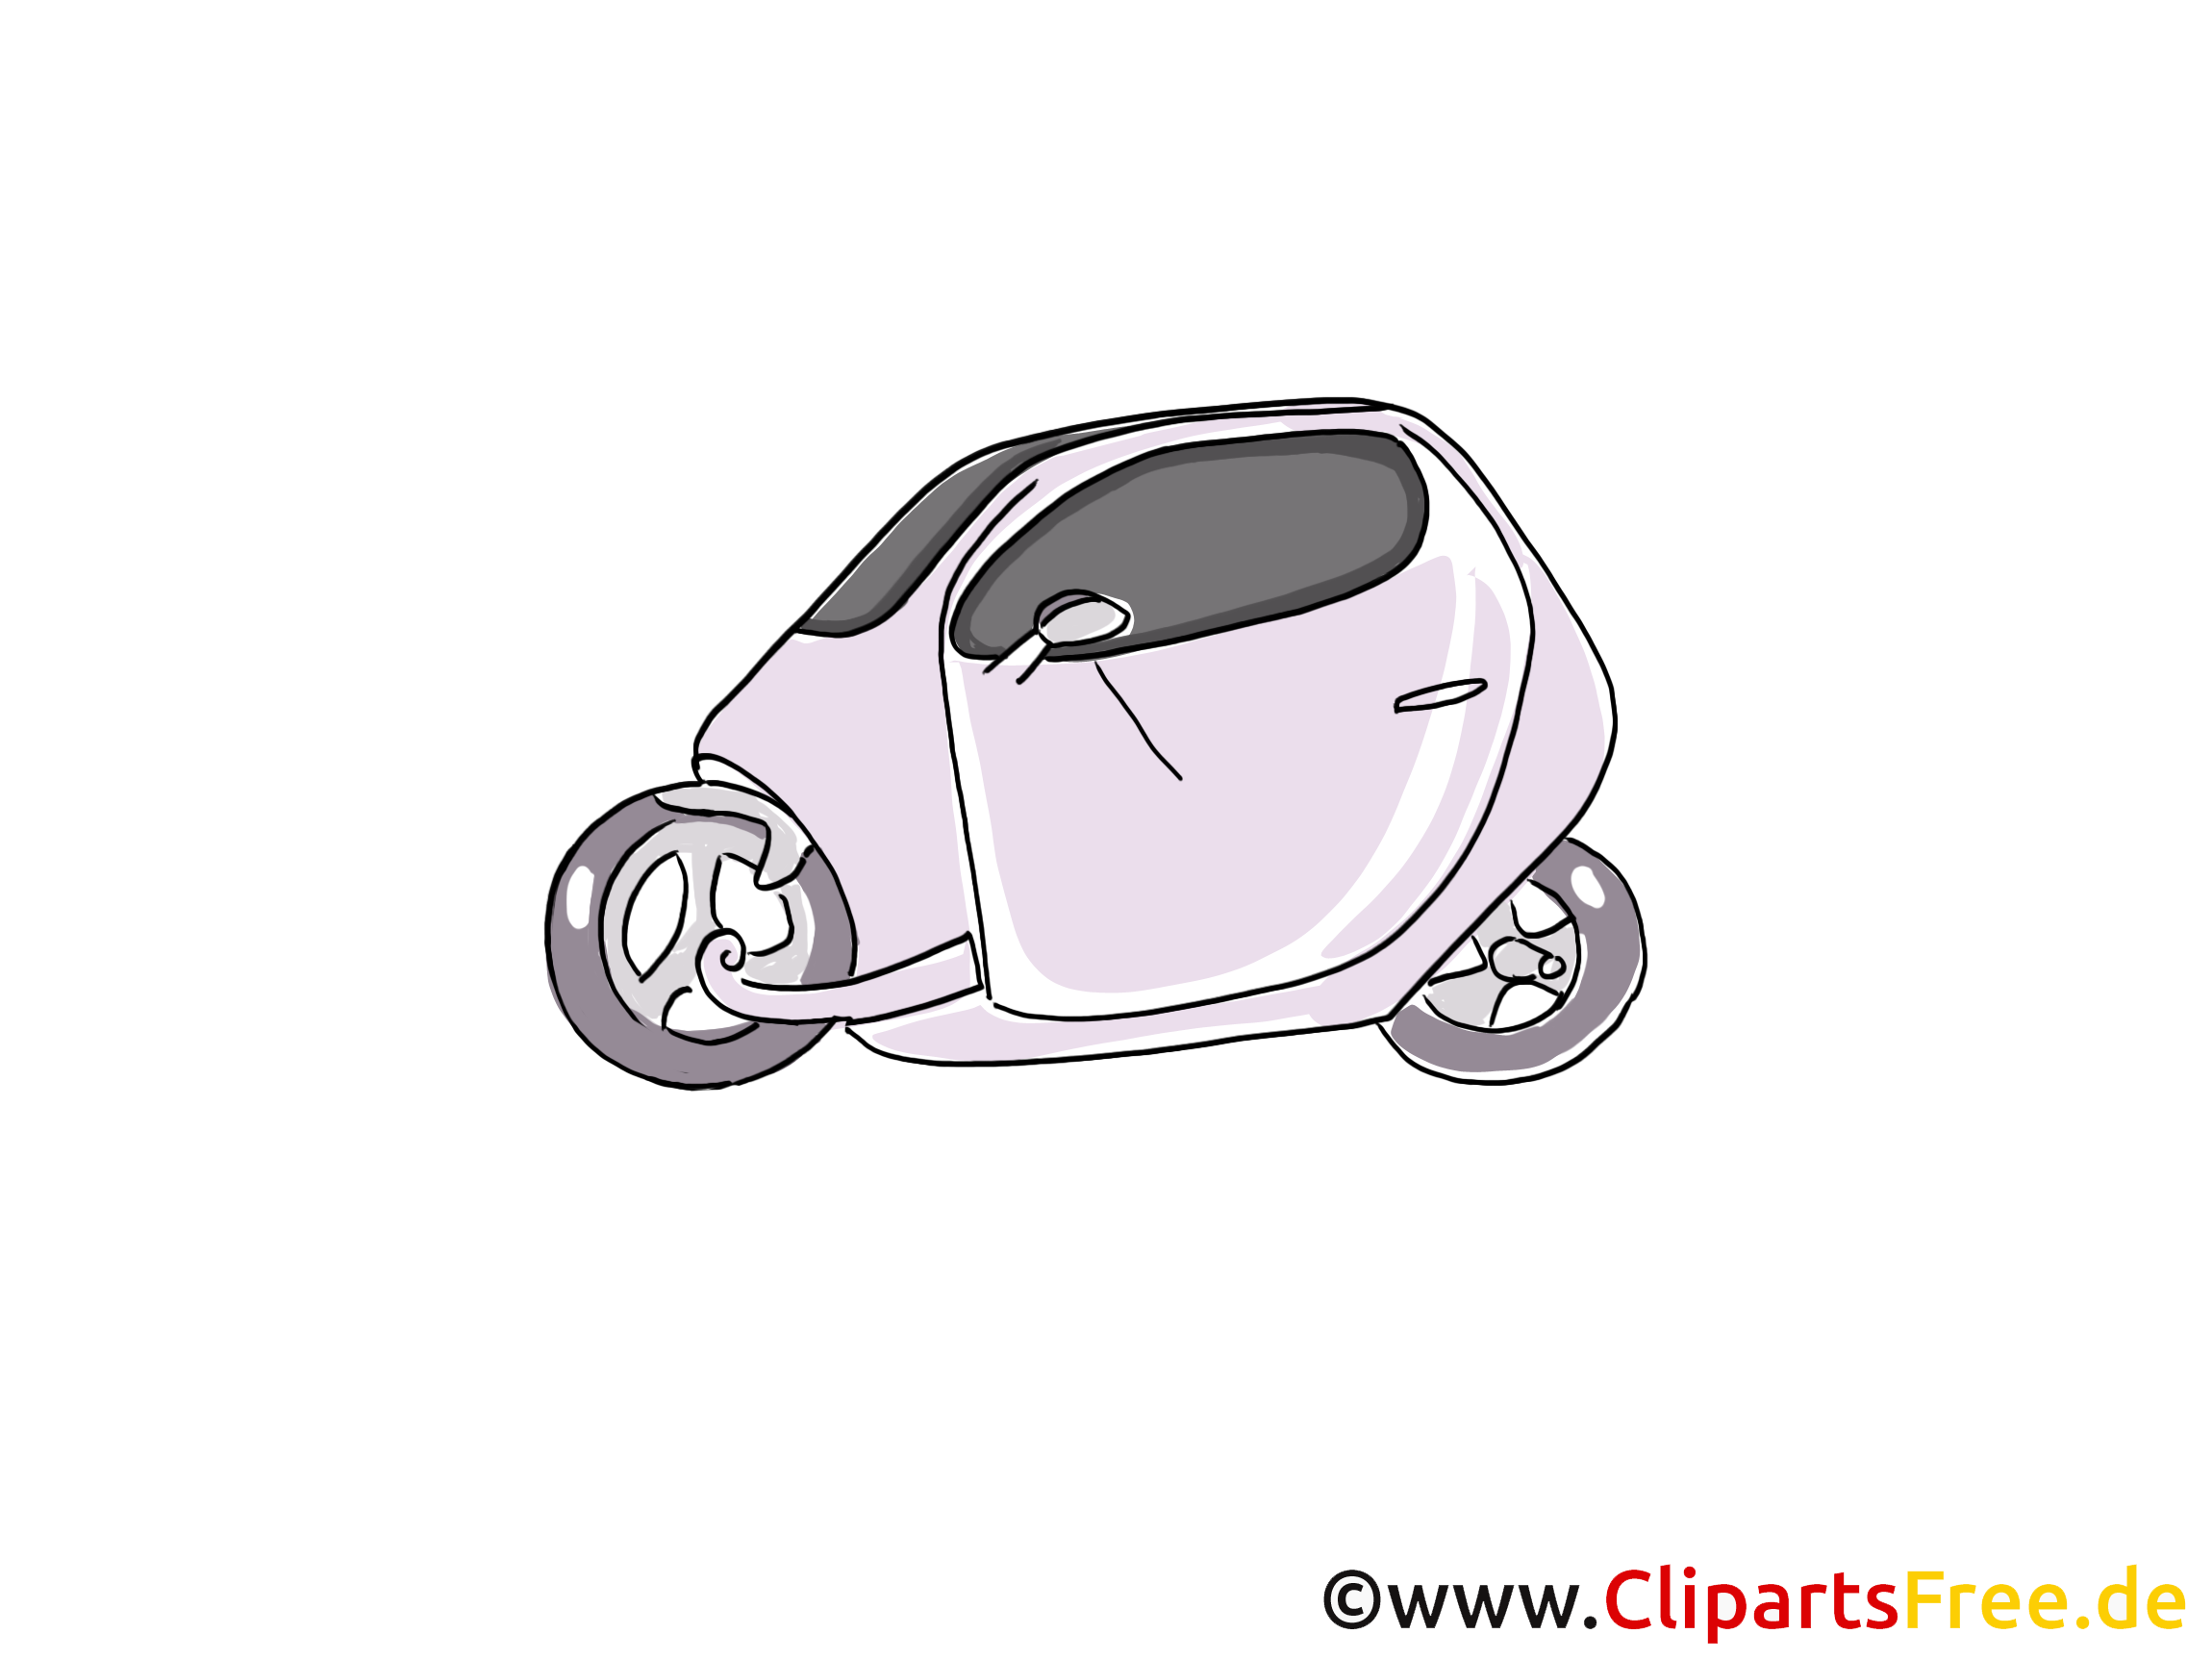 Petite voiture illustration images gratuites